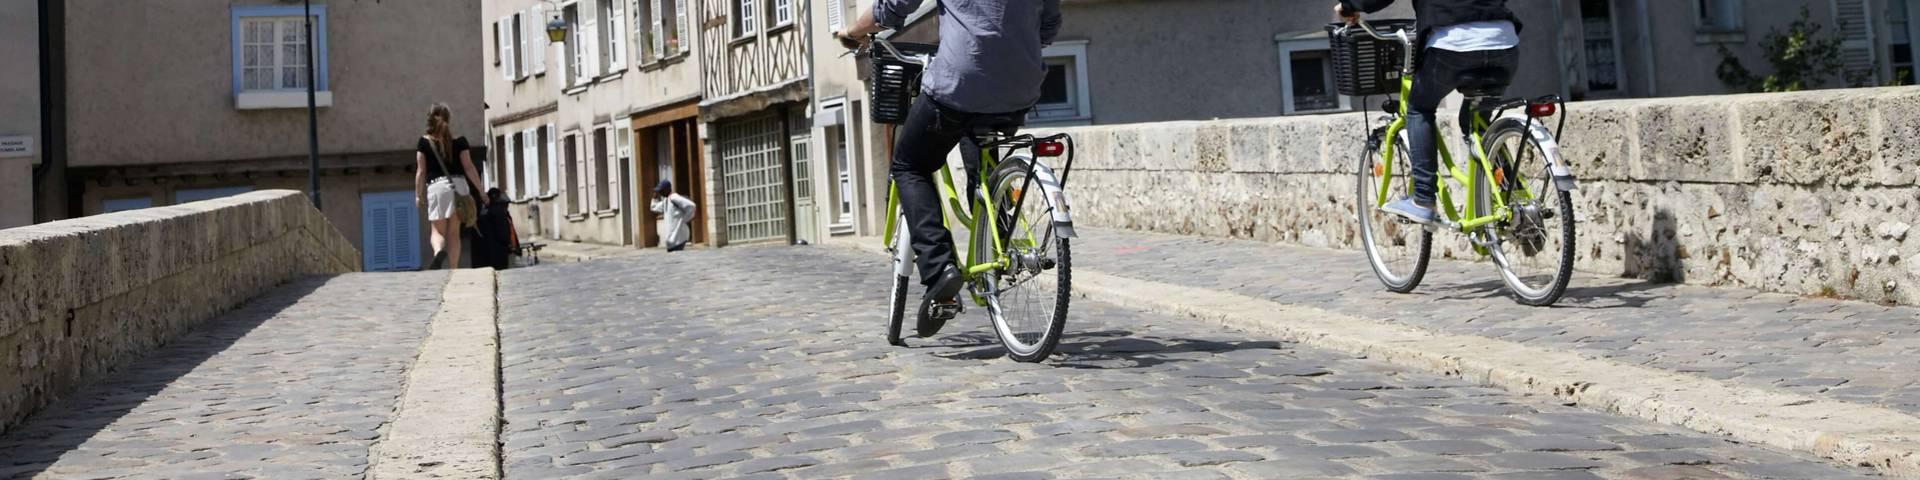 © C'Chartres Tourisme - Mathieu Anglada